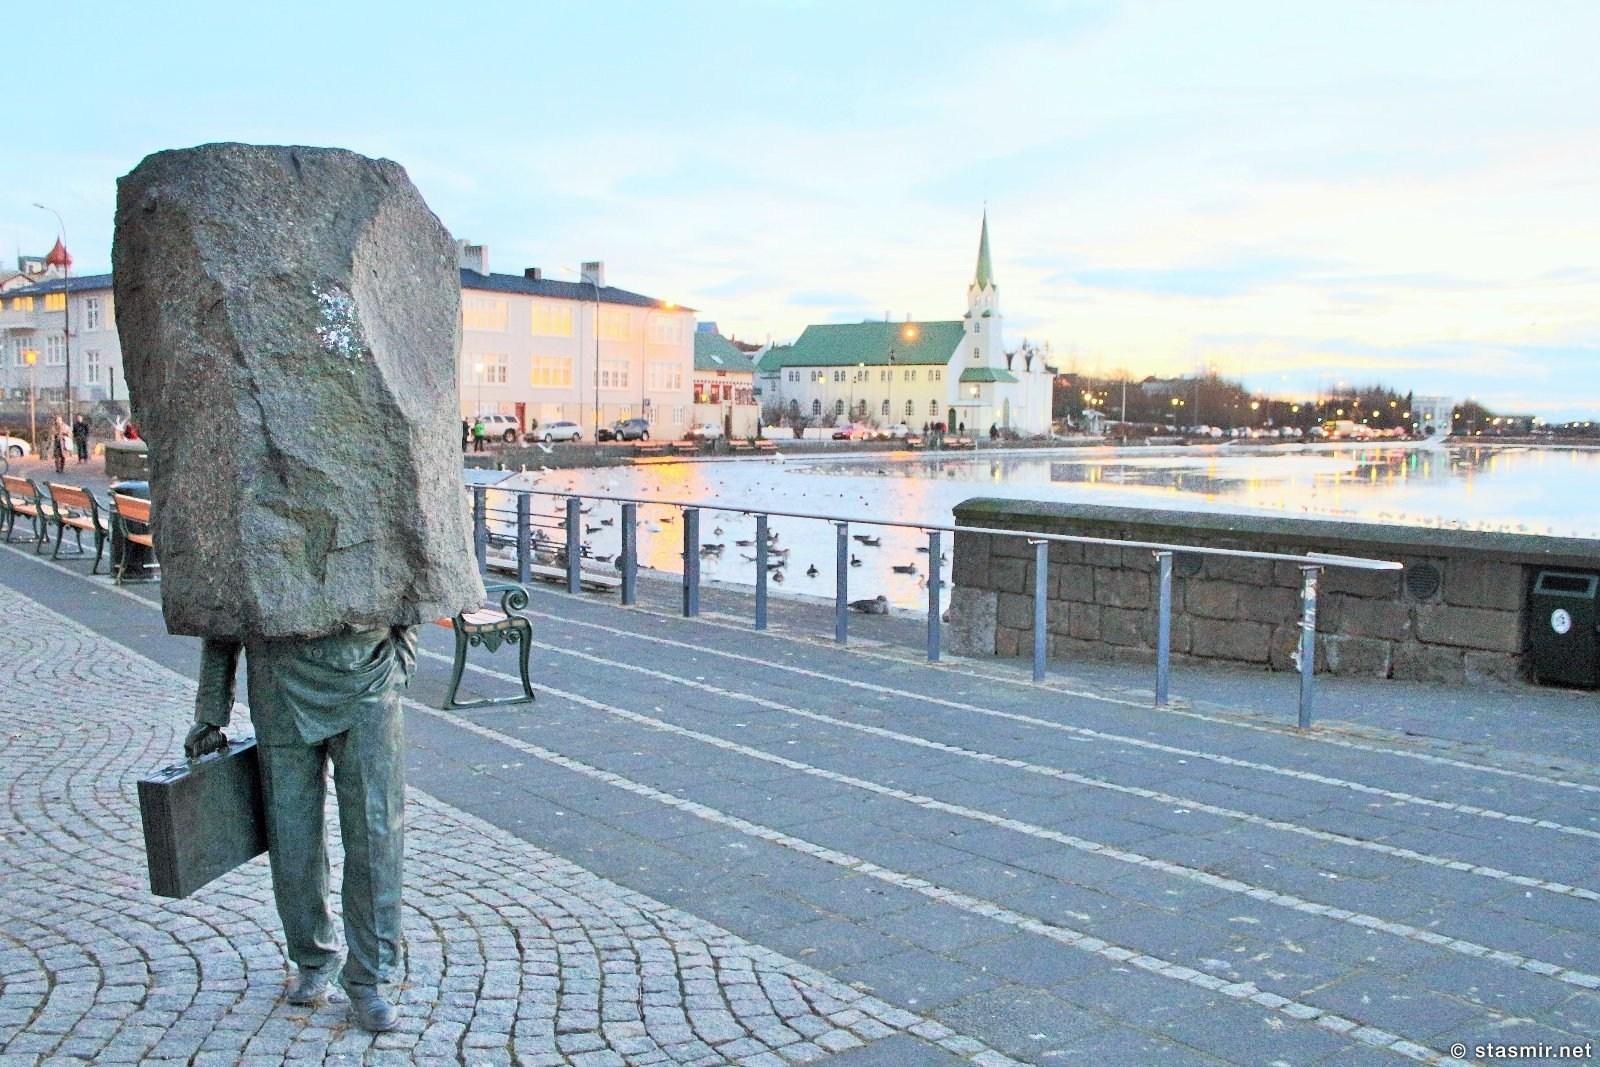 Monument to the Unknown Official, umbodsman, Озеро Тьёрнин, Рейкьявик, осень в Исландии, фото Станислав Смирнов